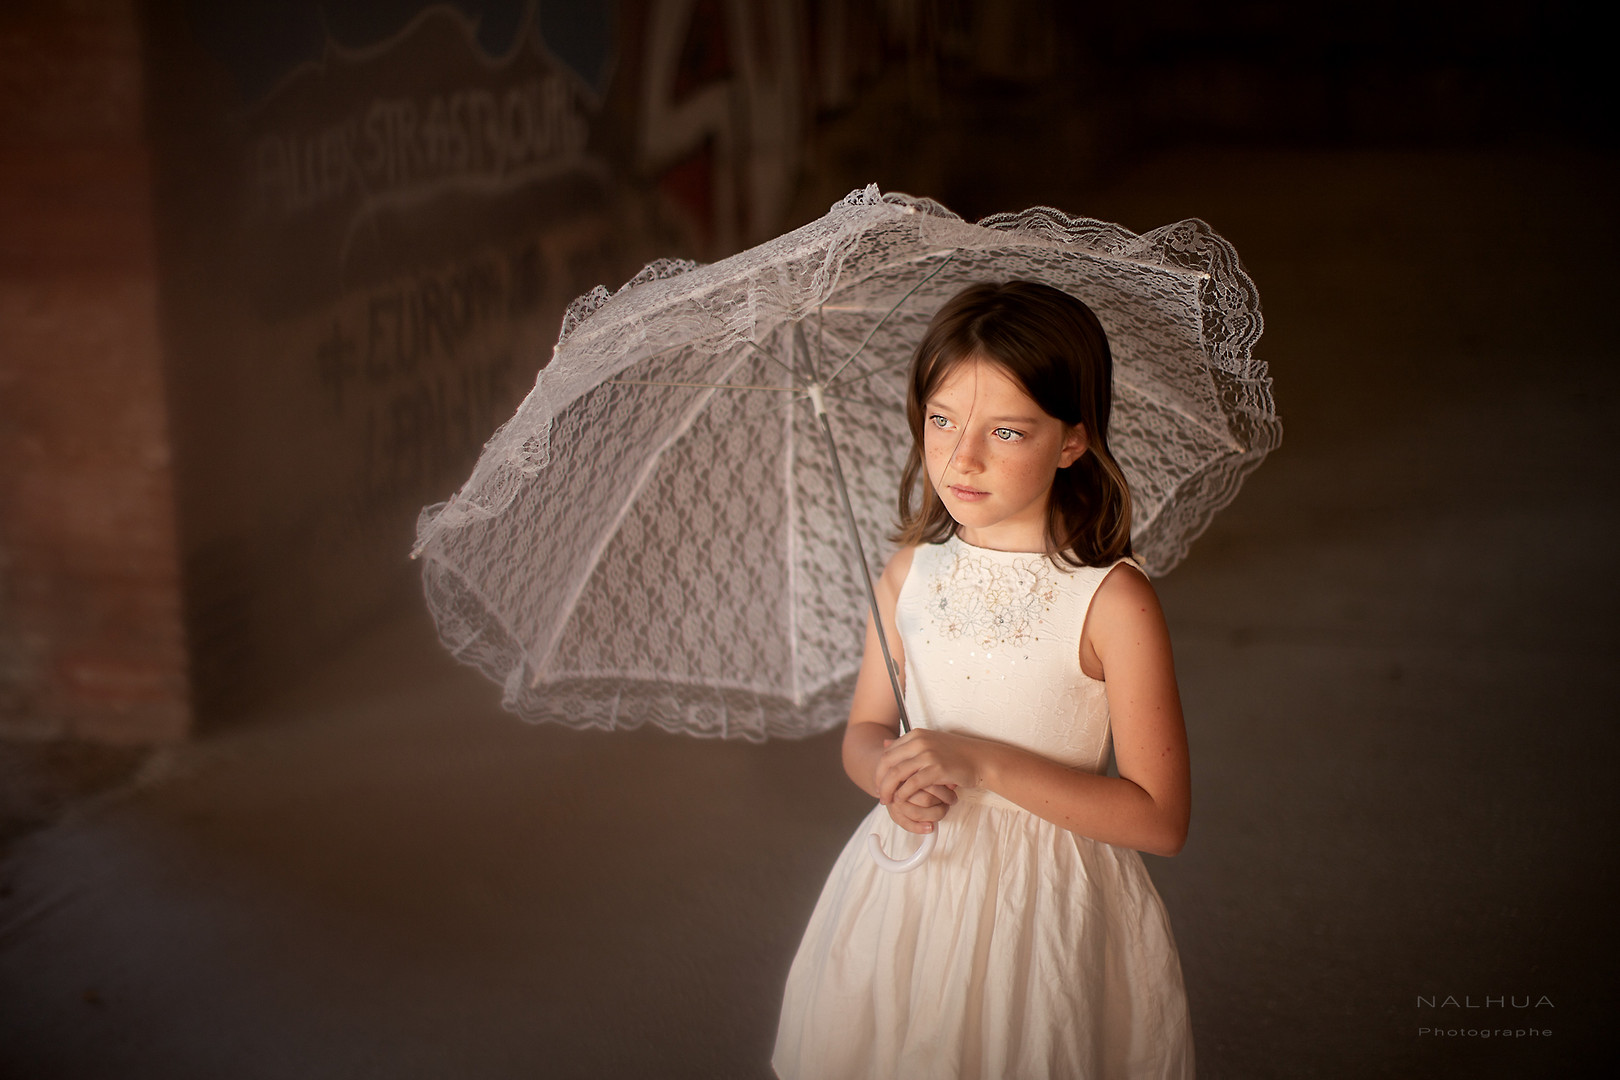 Photo enfant